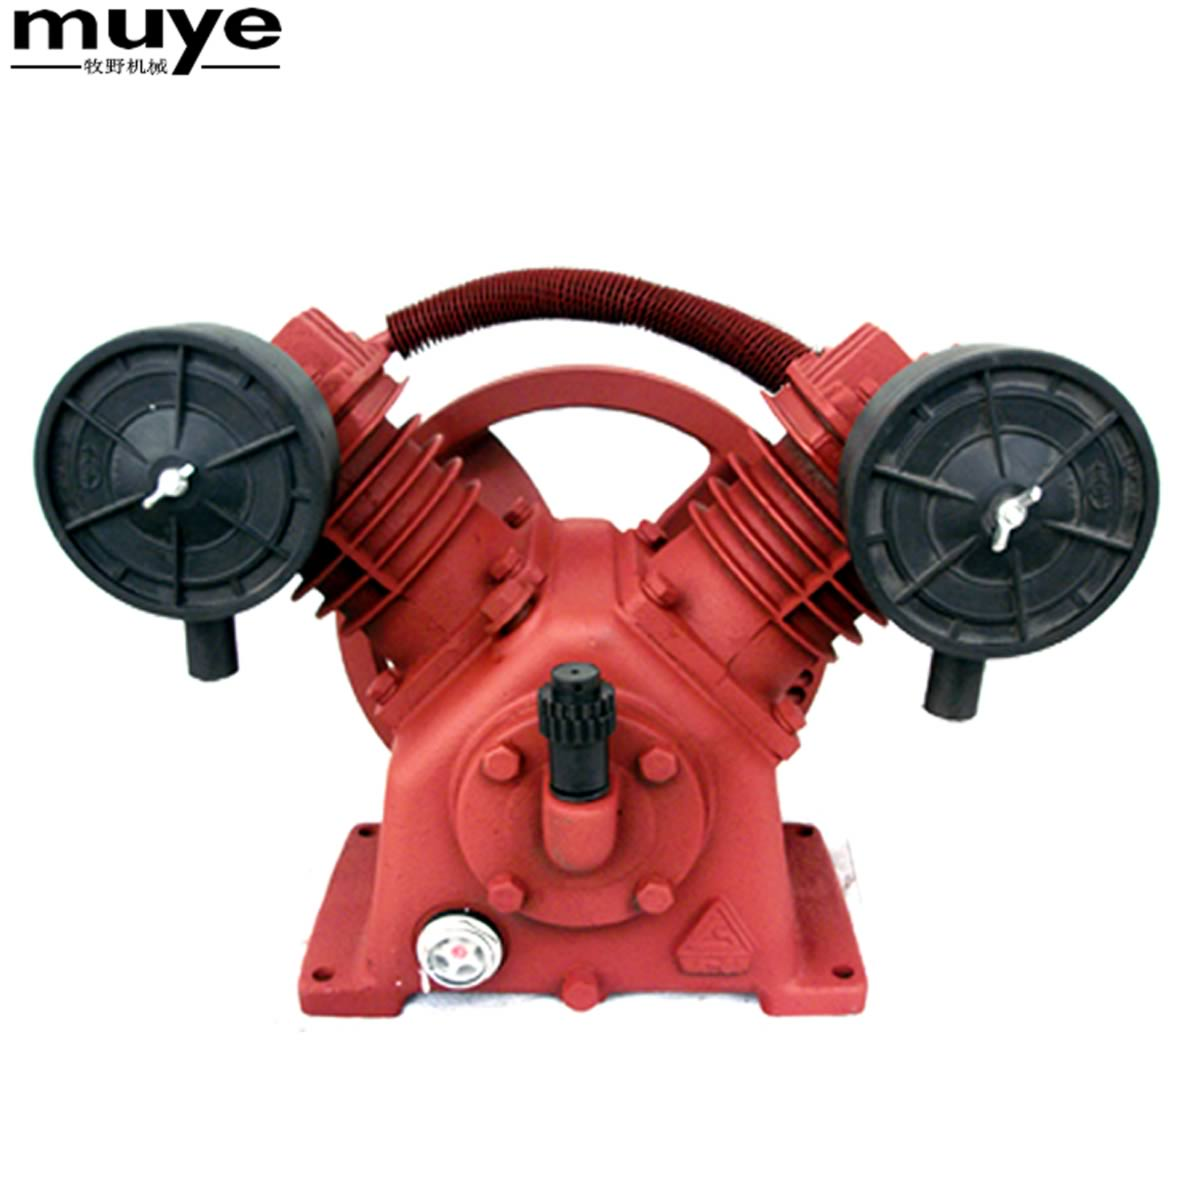 Air Compressor Pump Muye Machinery Manufacturing Co Ltd